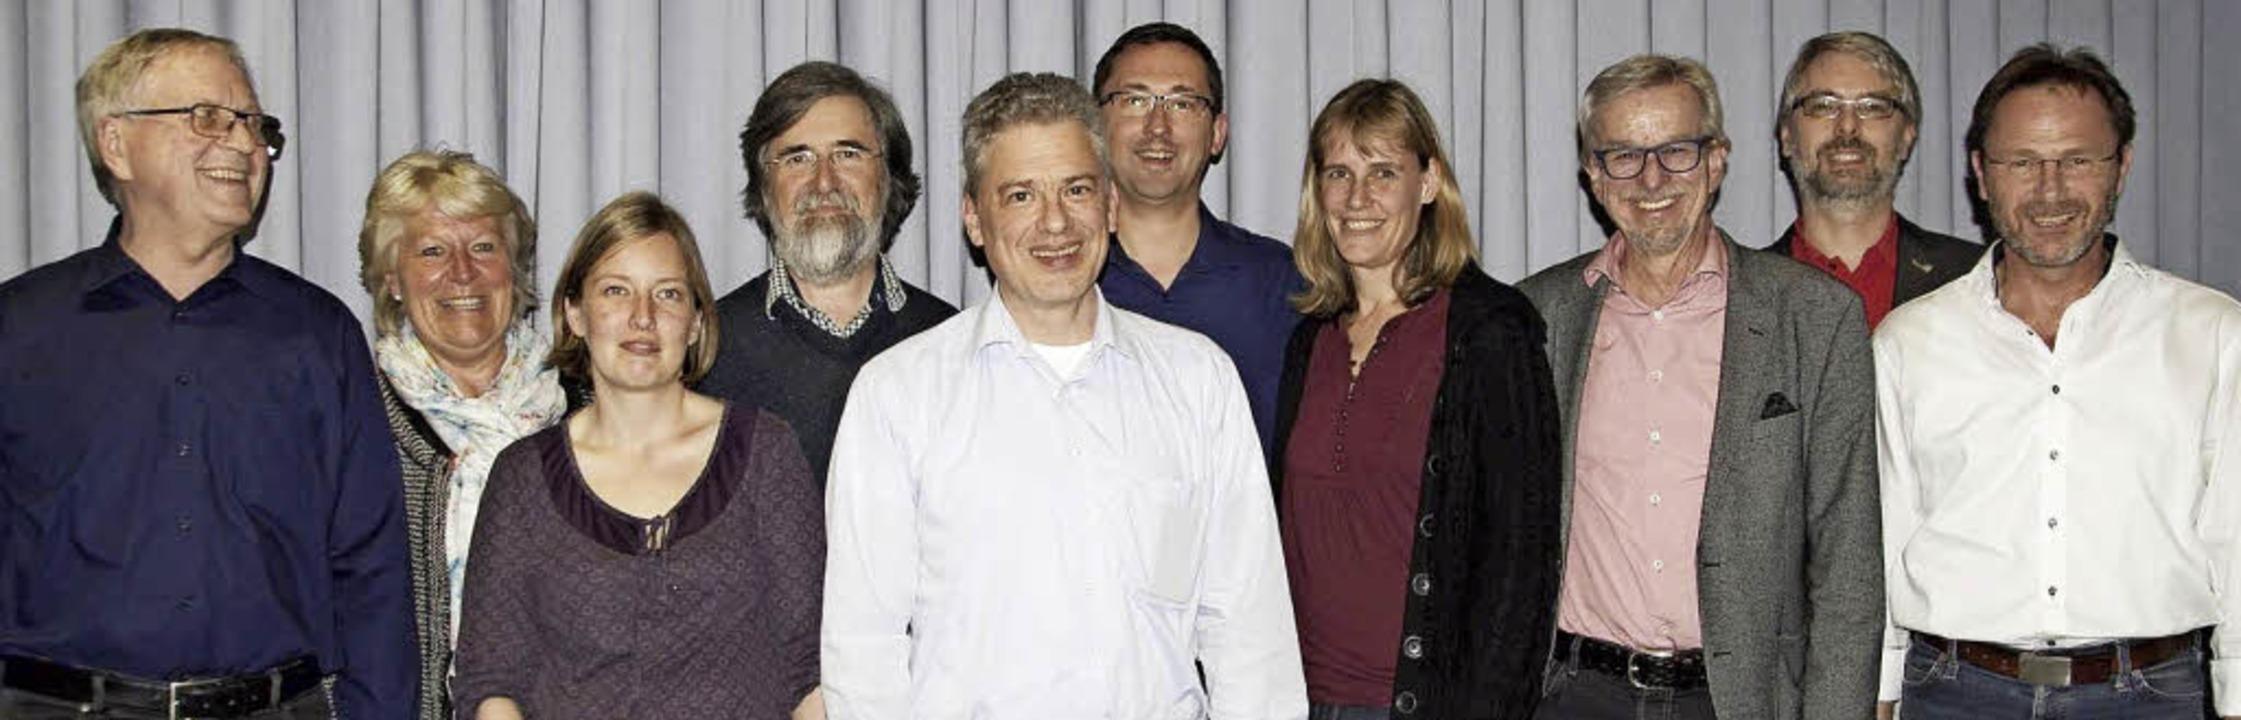 Neuer SPD-Vorstand in Bad Krozingen ge...r Falk, Matthias Schmidt, Armin Hänßel  | Foto: SPD